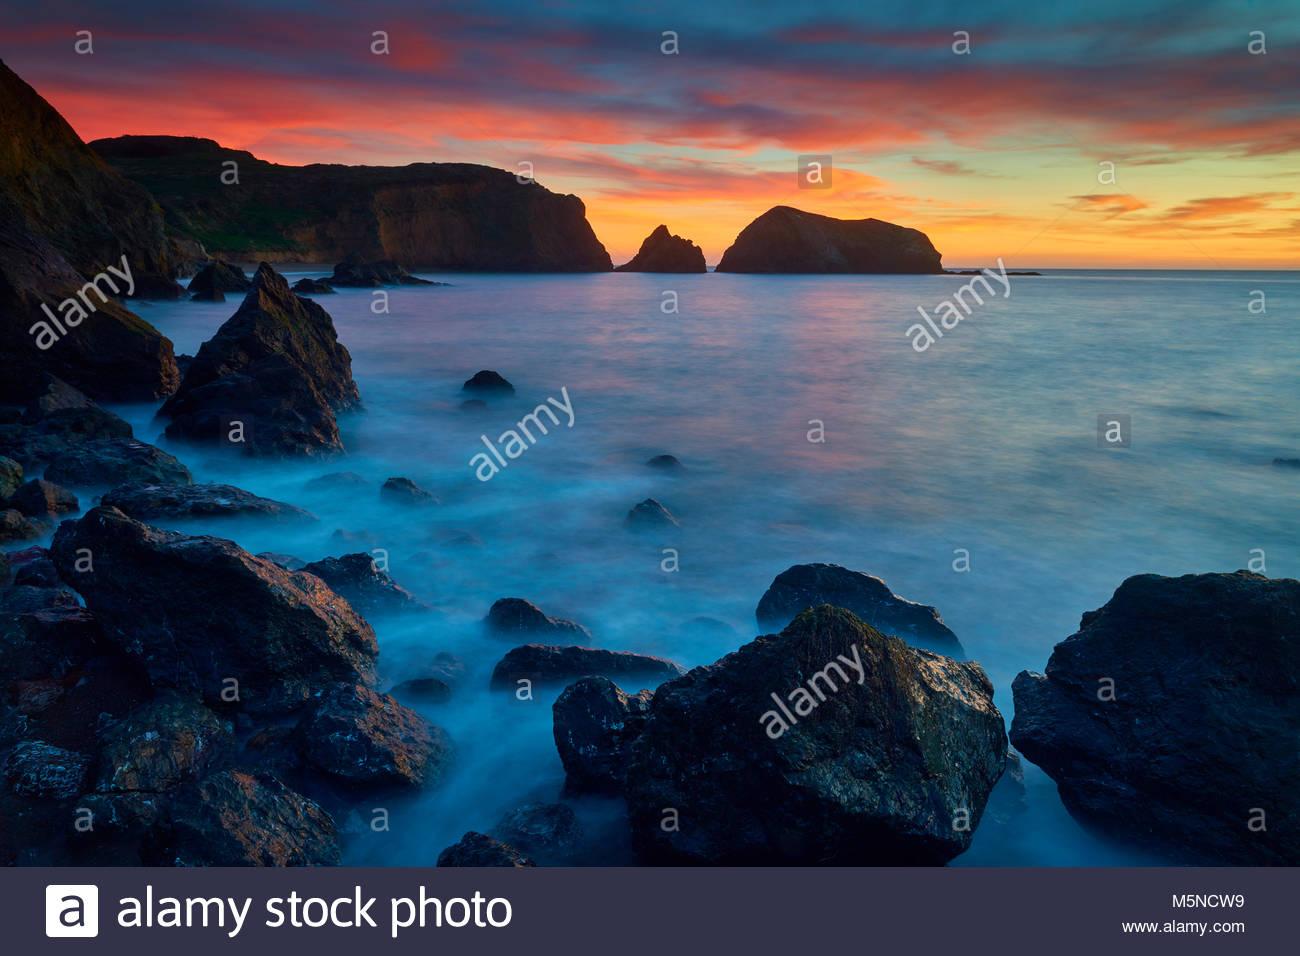 Un coucher de soleil couleurs le ciel au-dessus de l'île aux oiseaux et le sud de falaises du Marin Headlands, partie Banque D'Images